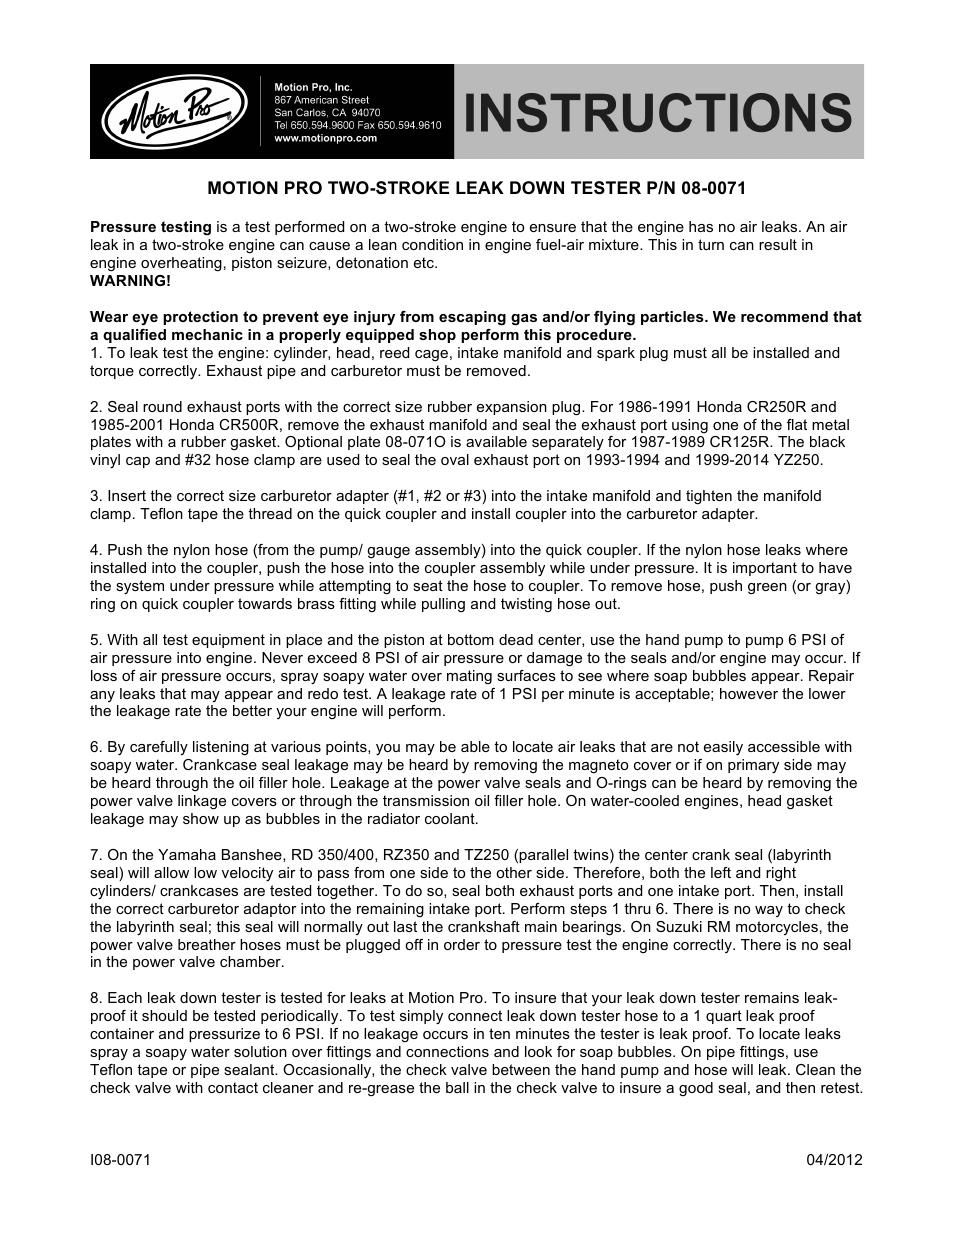 Motion Pro 08-0071 2-Stroke Leak Down Tester